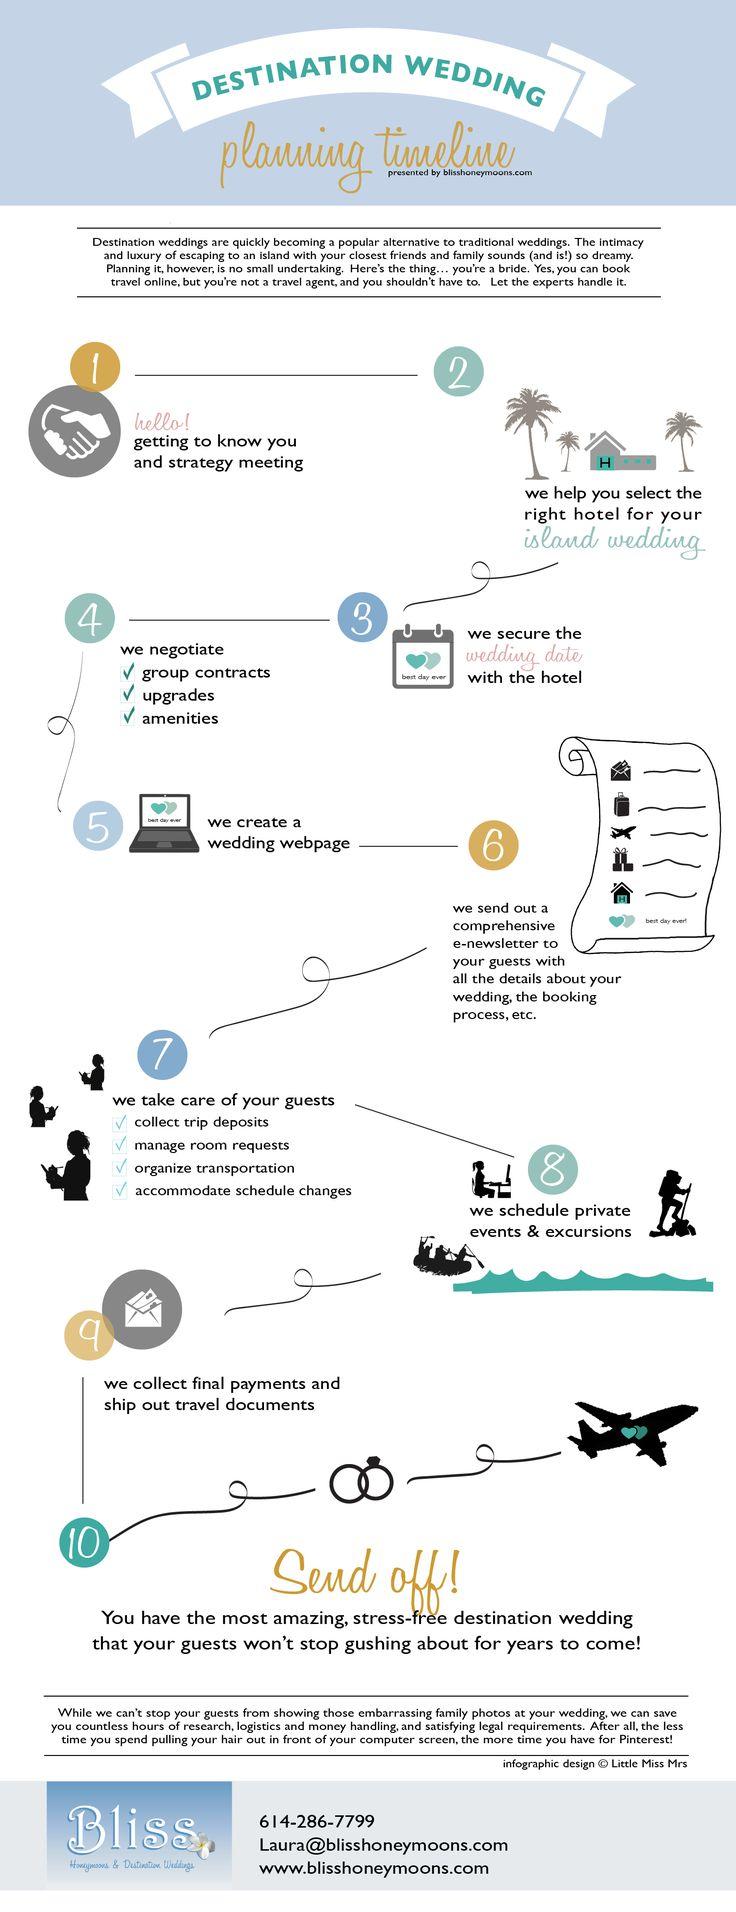 Best 25 Destination wedding checklist ideas on Pinterest